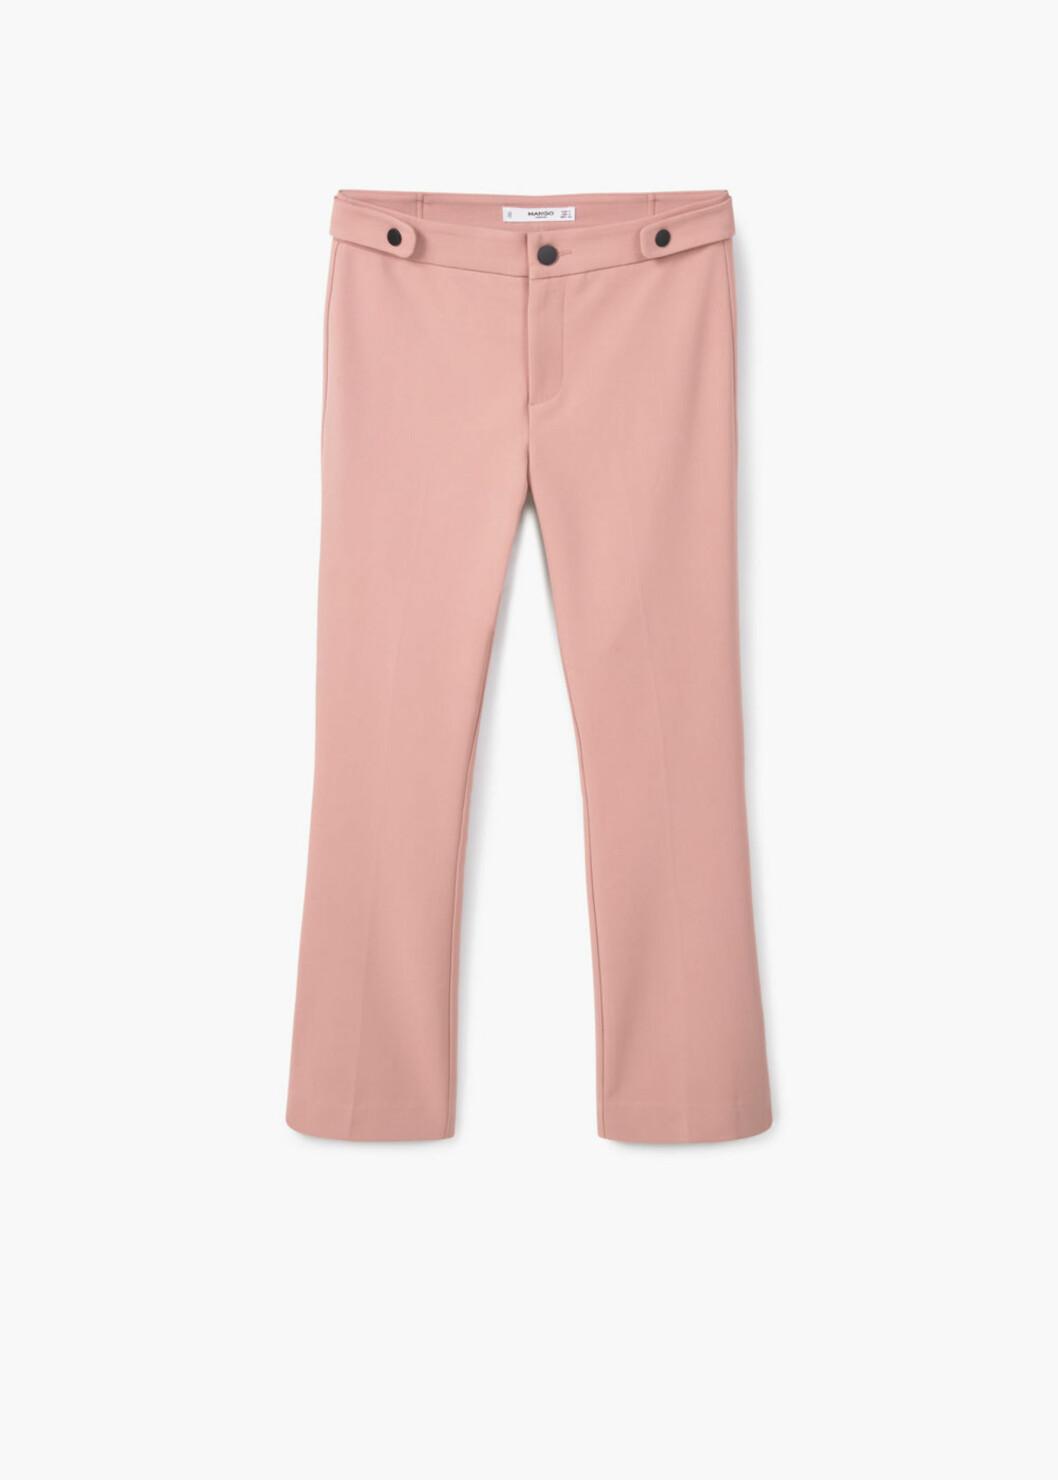 Bukse fra Mango | kr 299 | http://shop.mango.com/NO/p1/damer/kl%C3%A6r/bukser/rett/bukser-i-bomullsblanding/?id=73033625_85&n=1&s=prendas.pantalones&ts=1474462496104